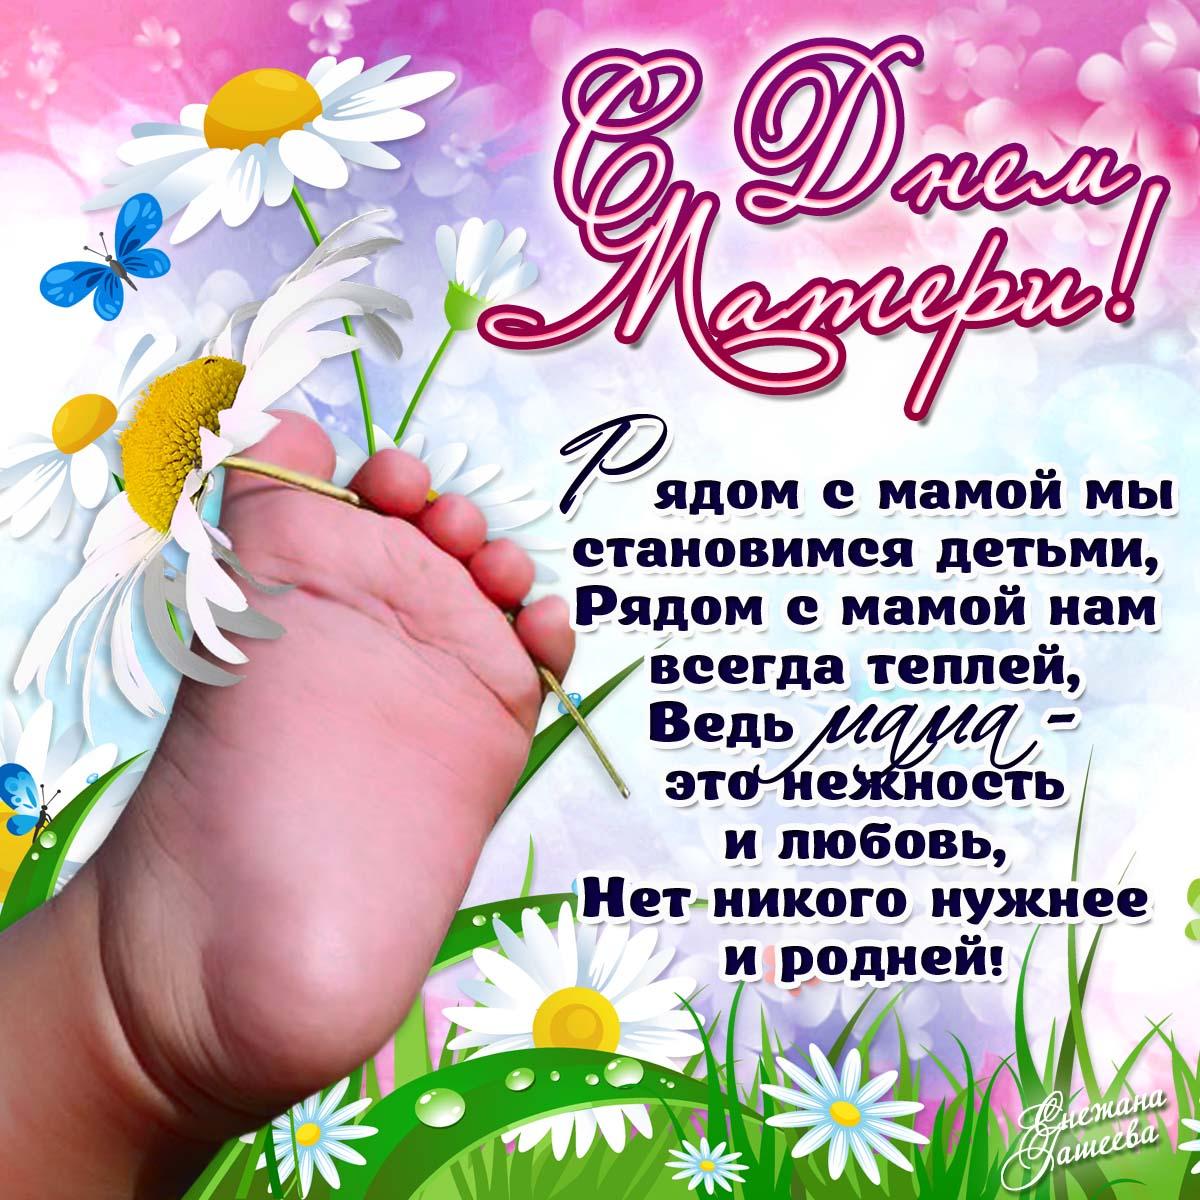 Поздравления с днем мамы в картинках и стихах